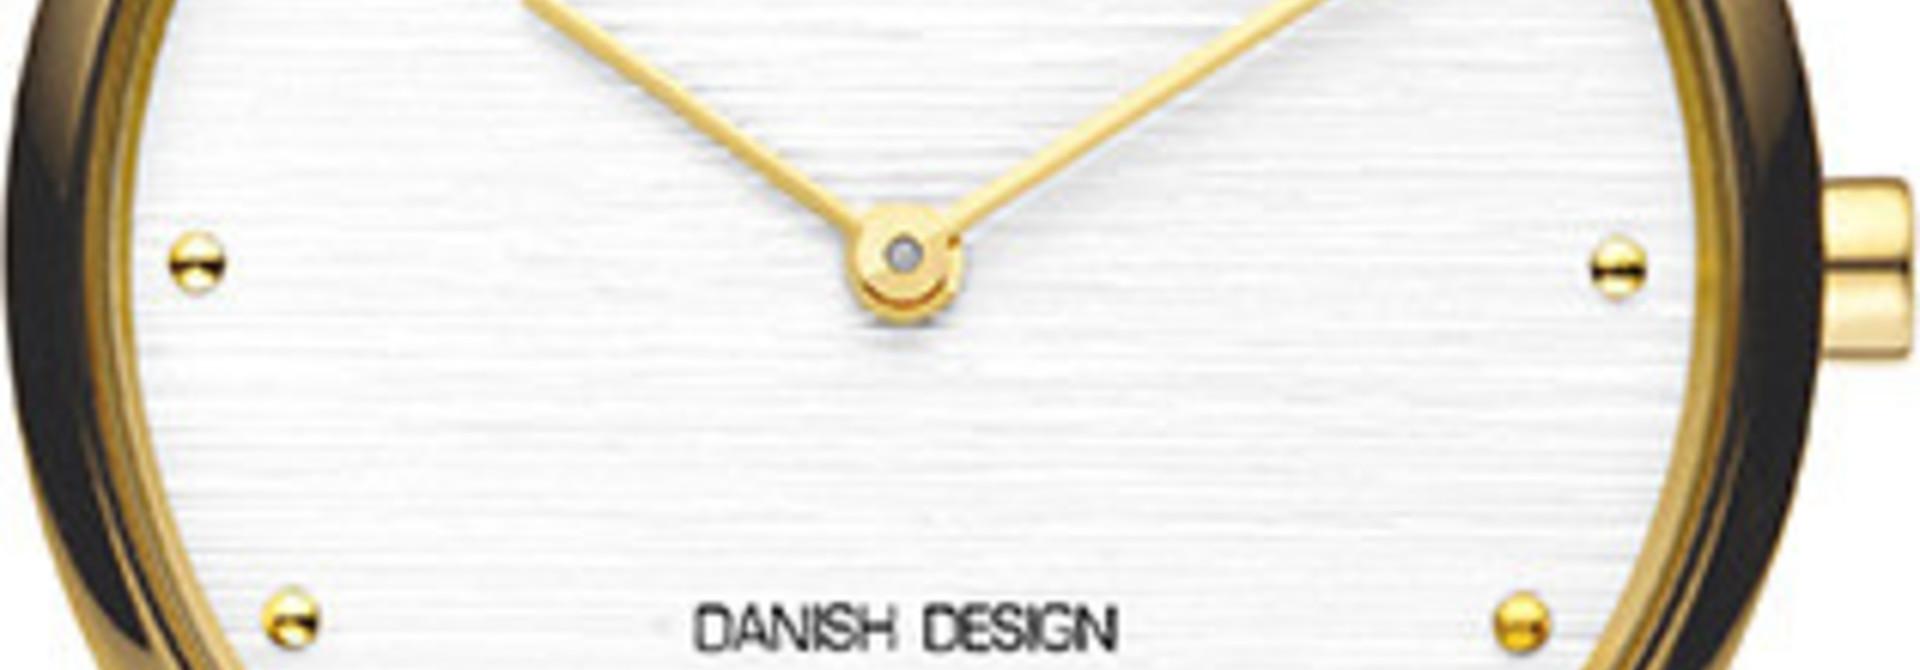 Danish Design Amelia Iv65Q1218